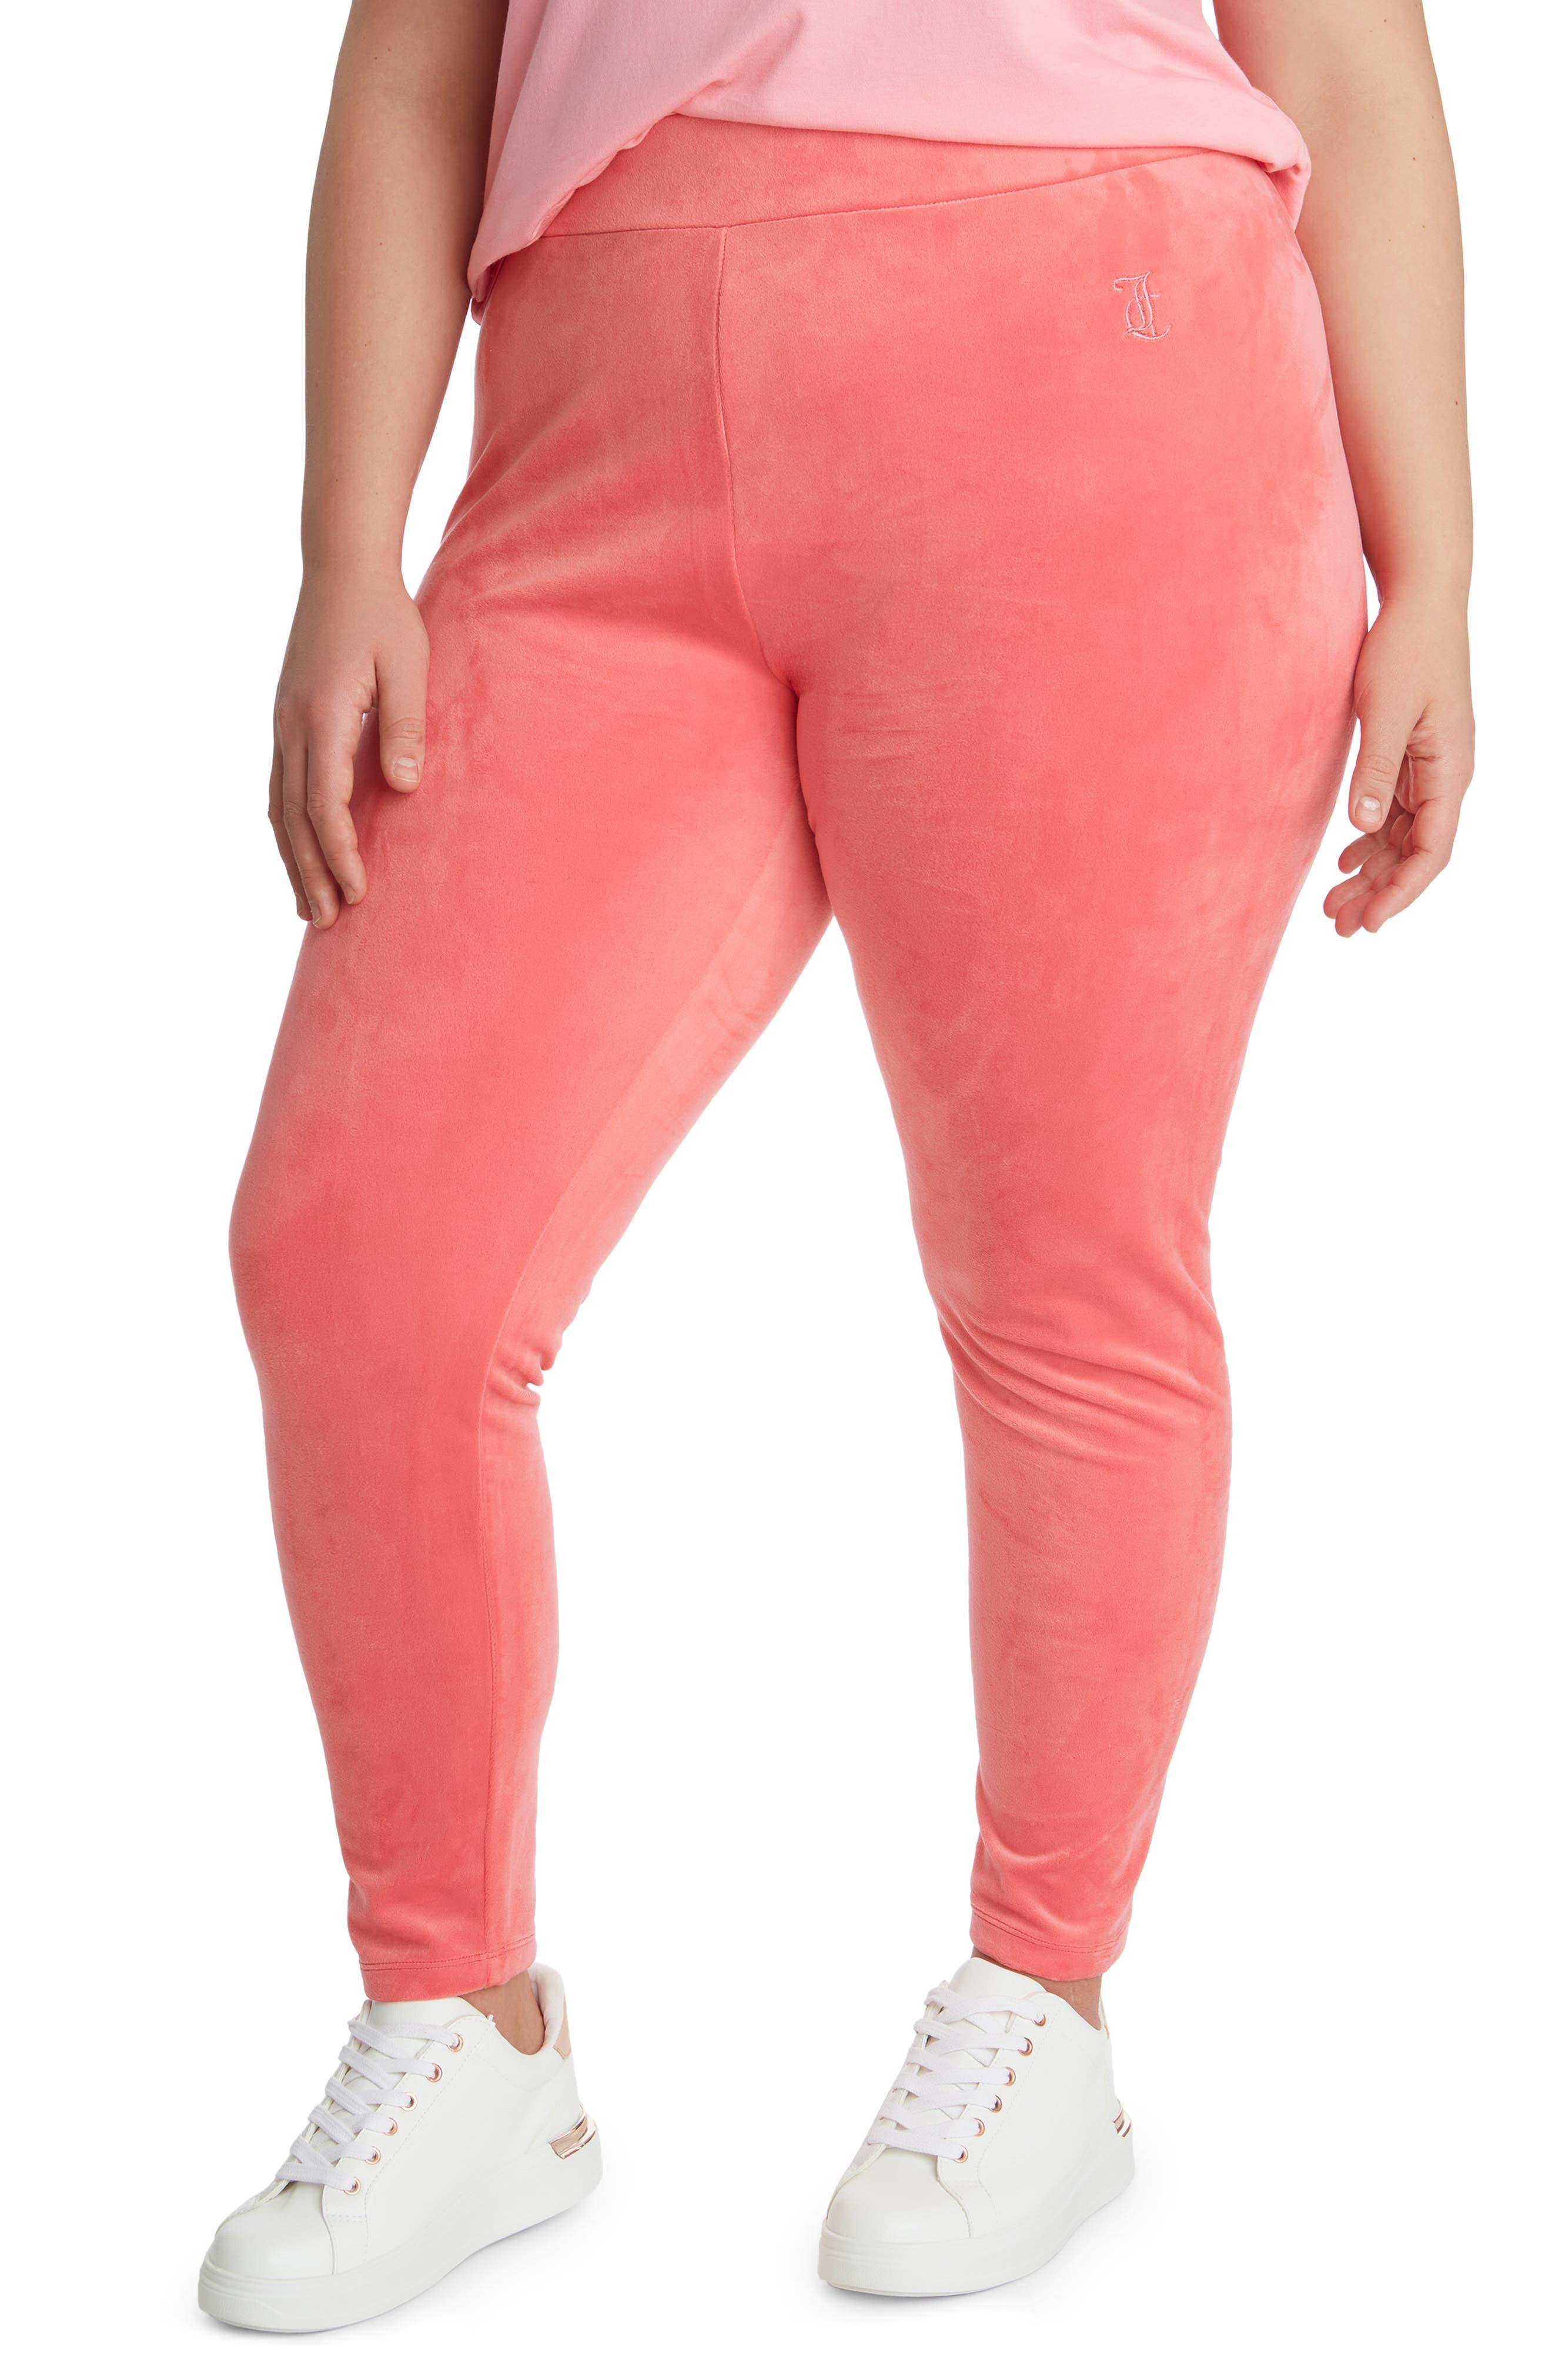 Women's Stretch Velour Leggings